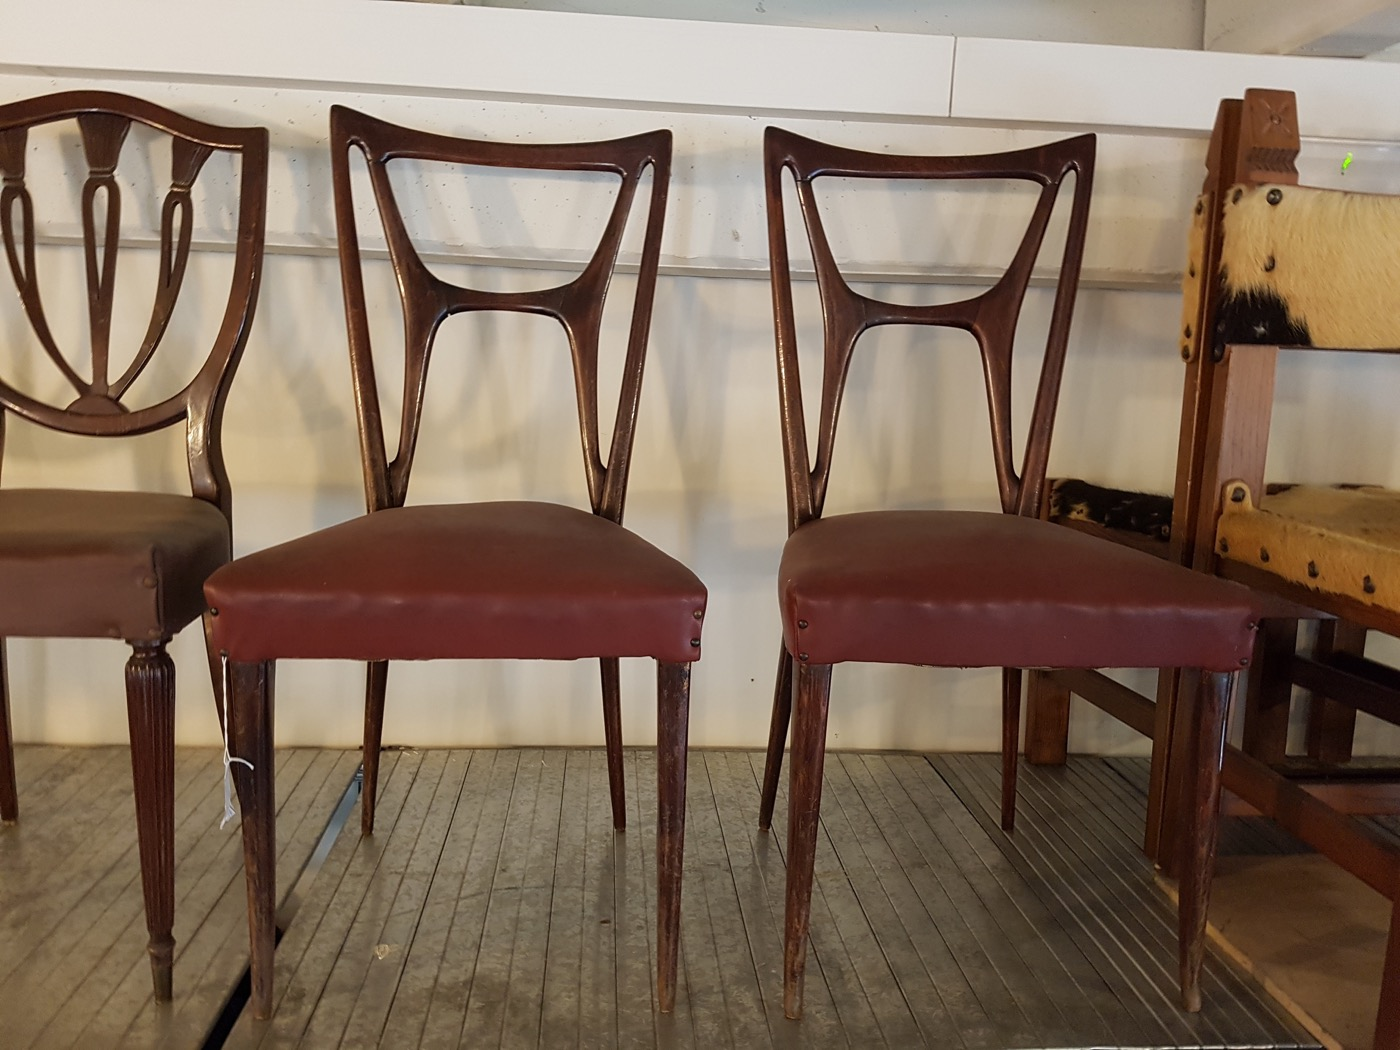 Set di 4 sedie anni '60 con struttura in legno e seduta in vinile di colore bordeaux con borchie negli angoli. Design 60s Pair Of Chairs